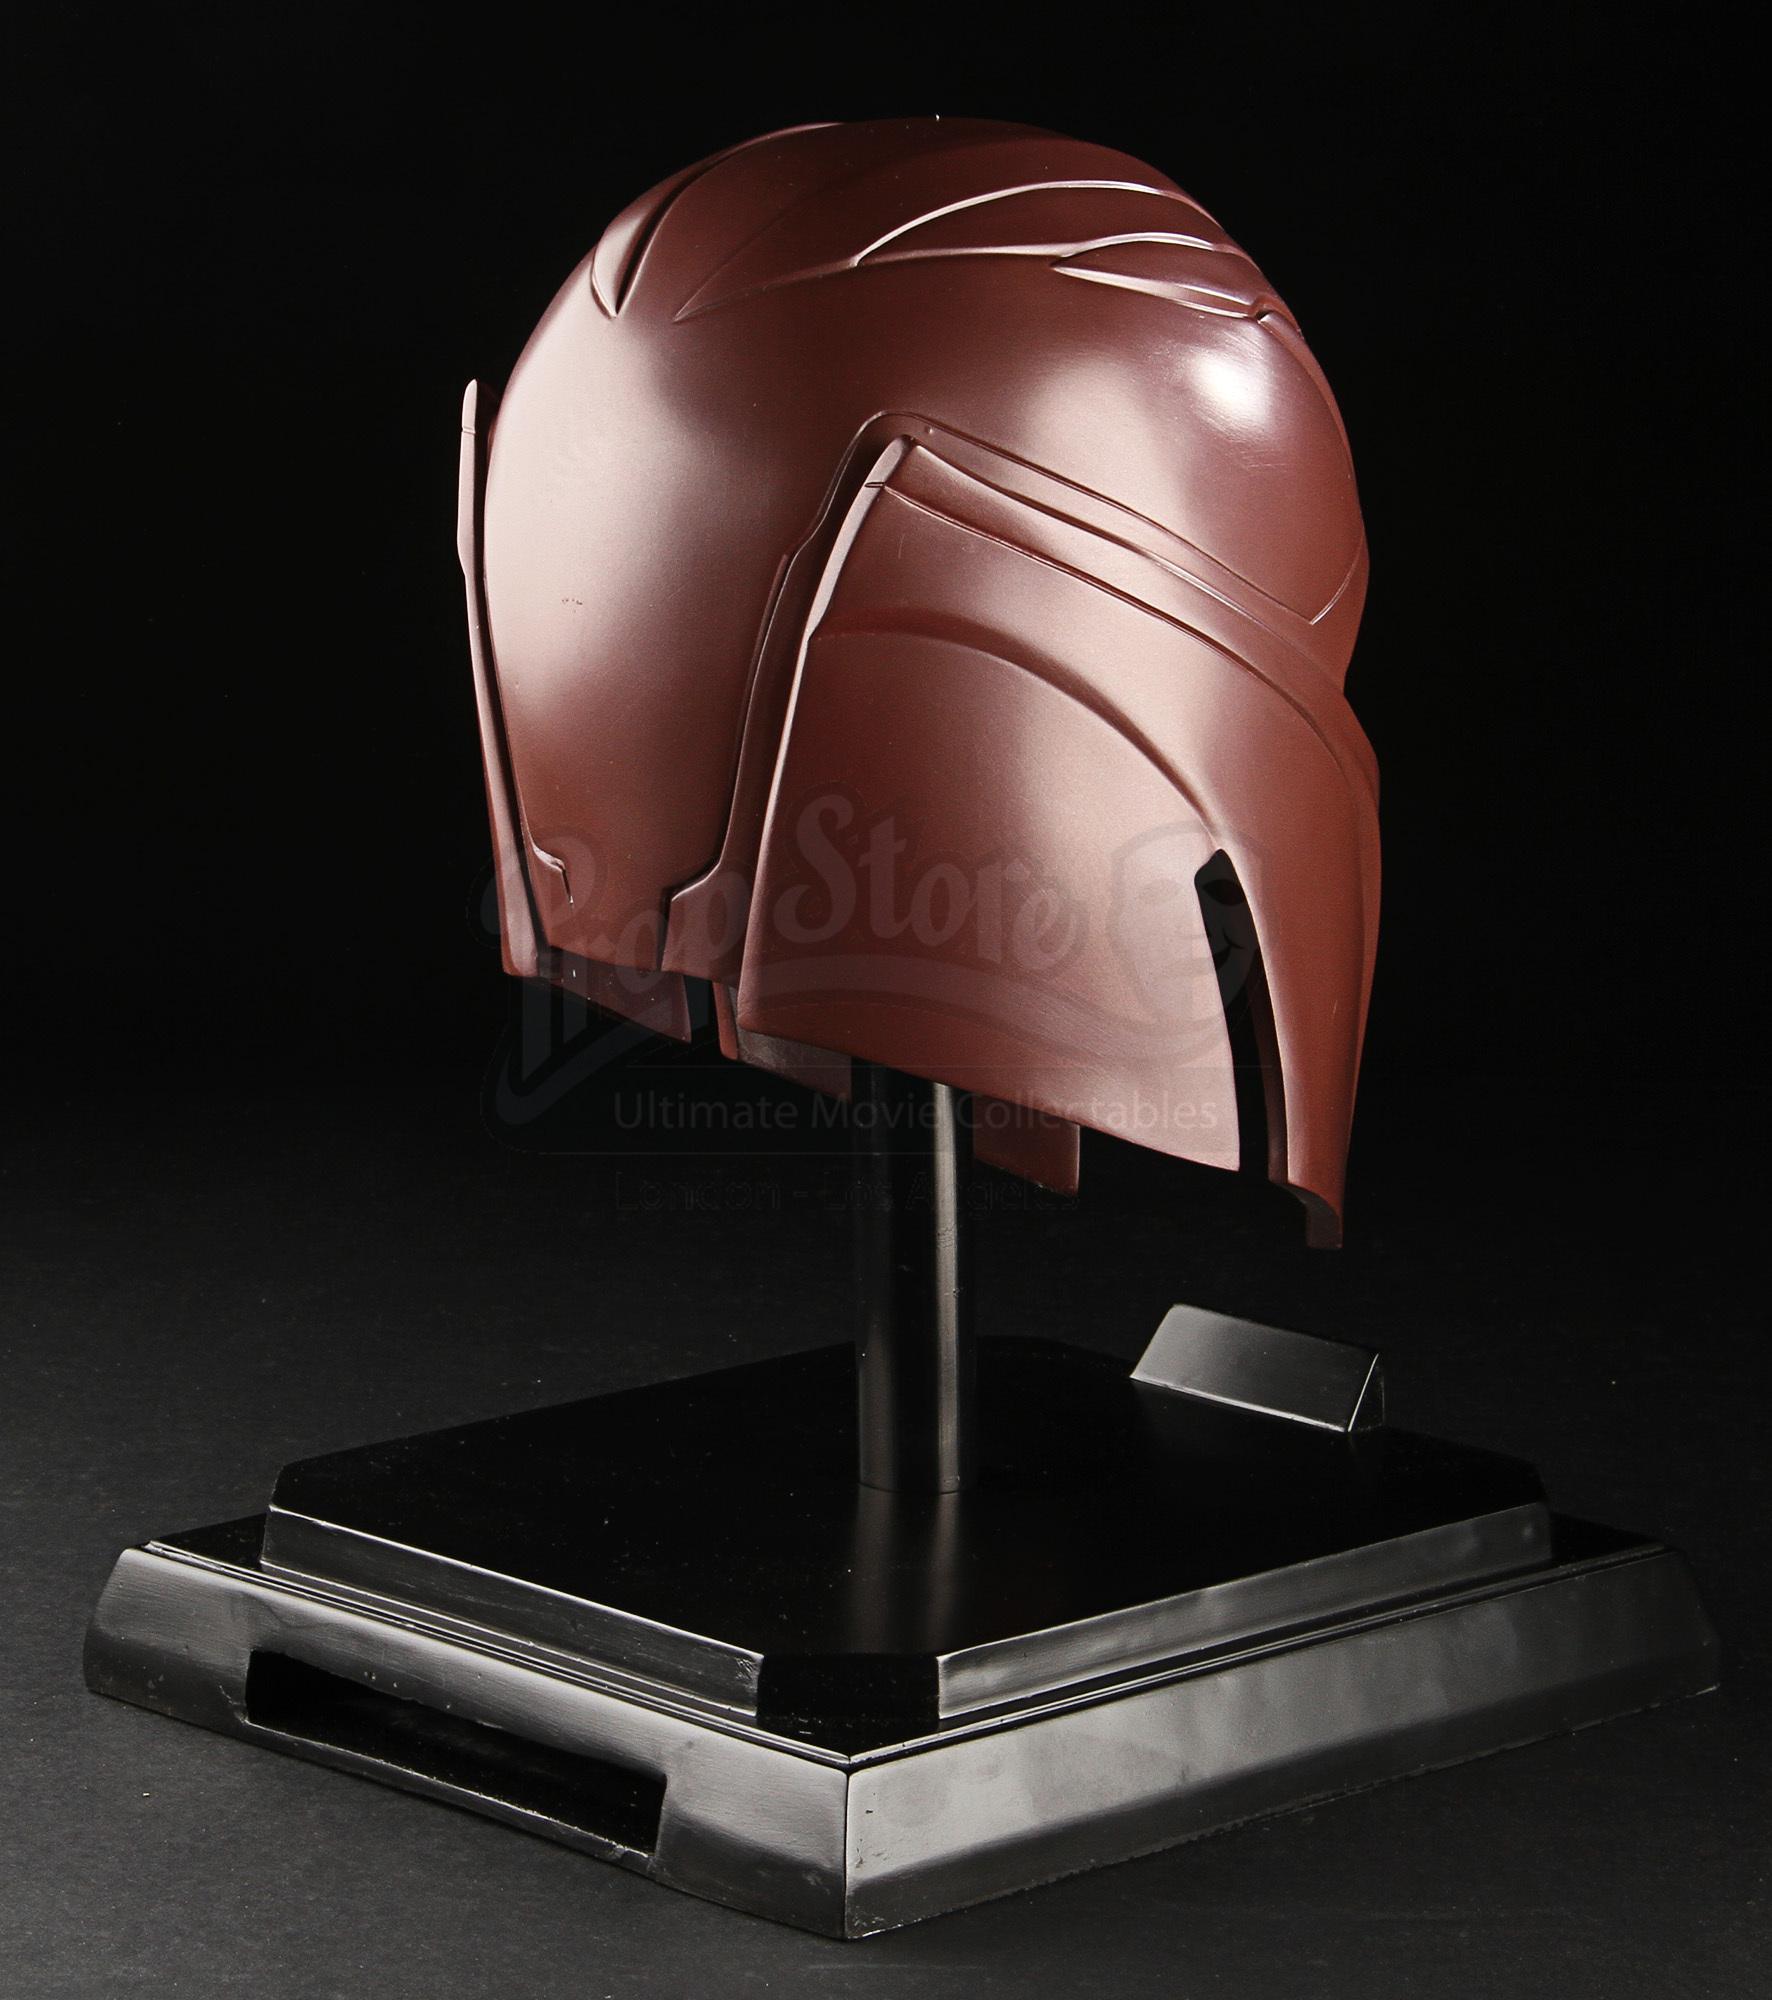 magneto helmet replica - photo #26